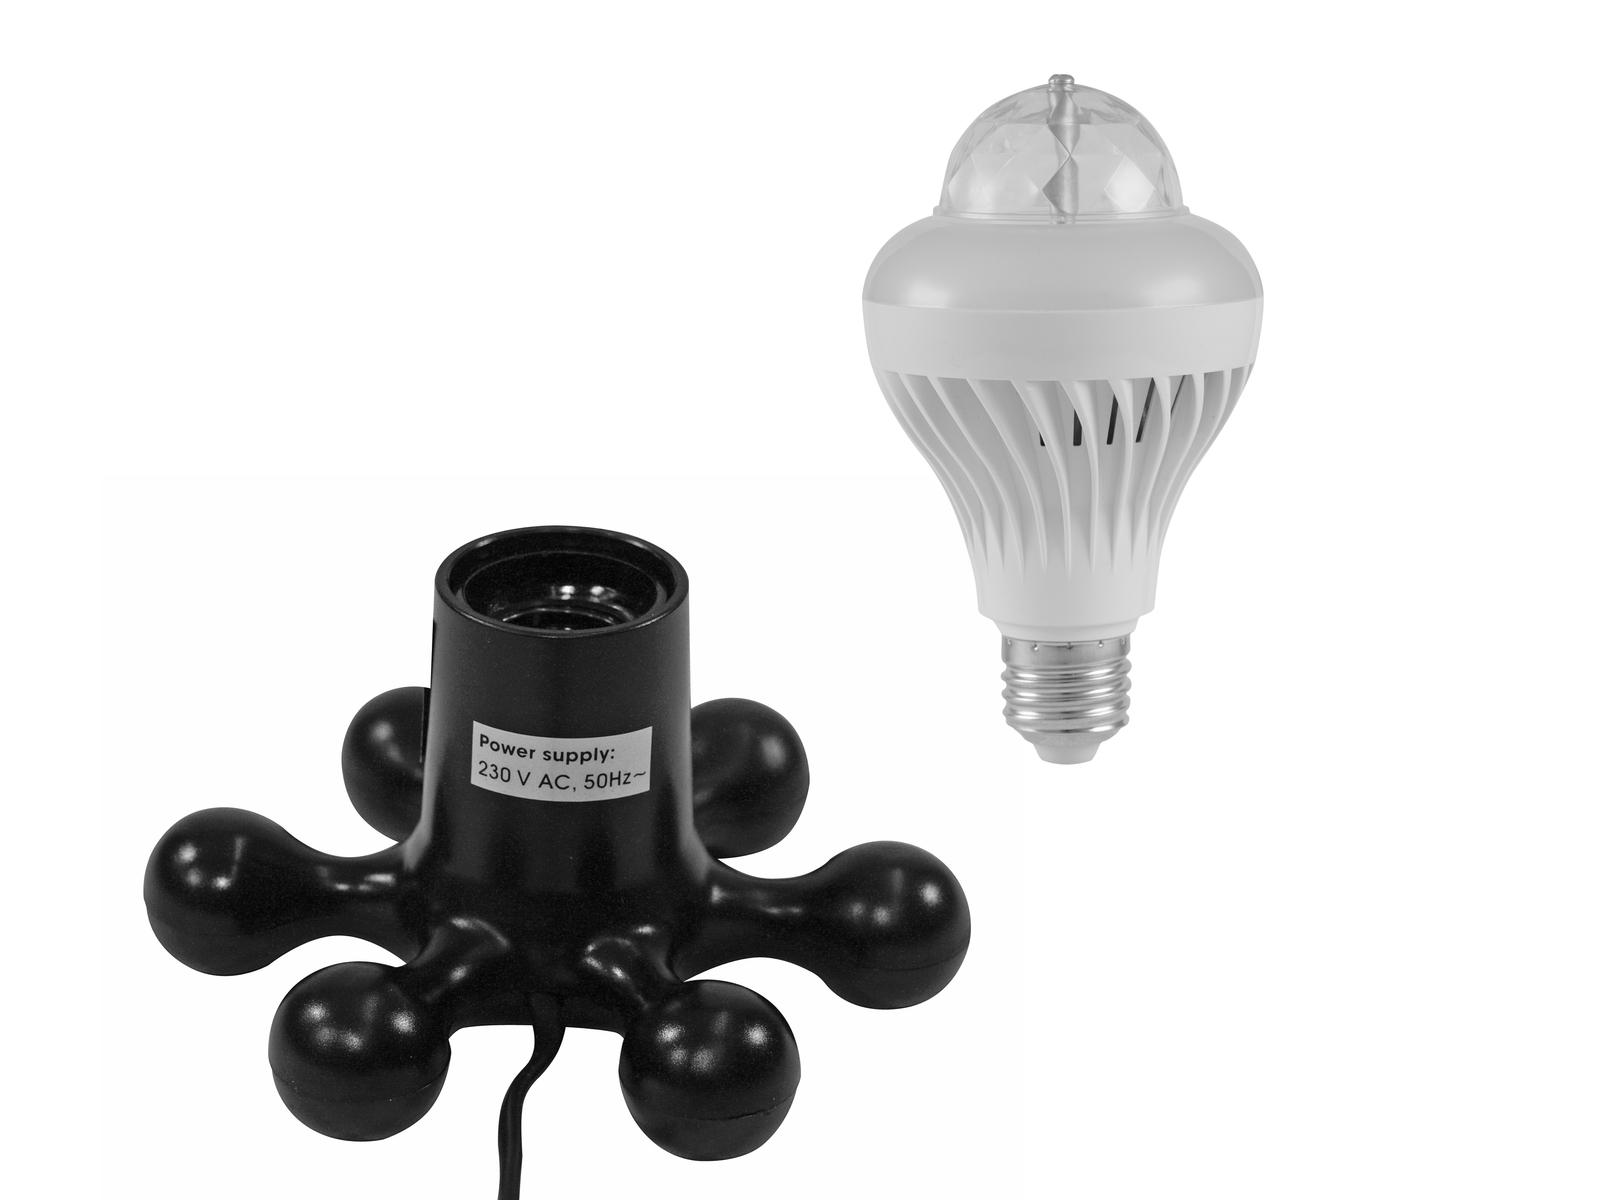 EUROLITE LED di Set di BCL-1 + Hexopus base nera